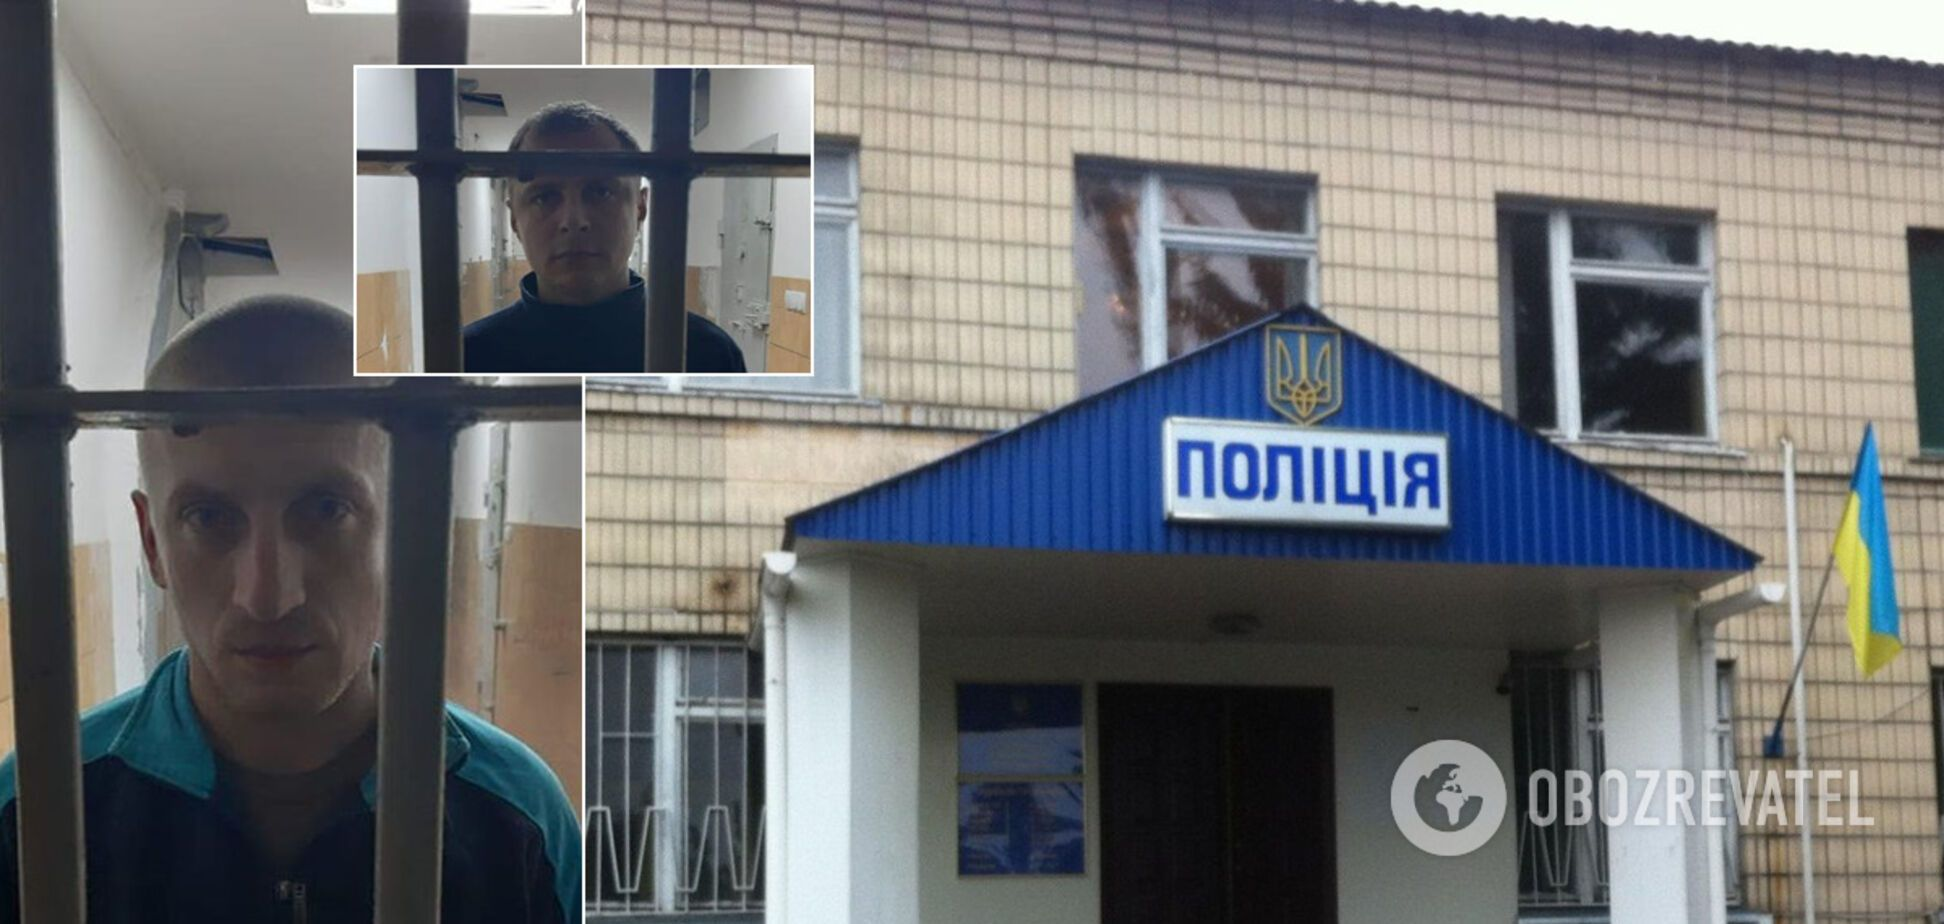 Зґвалтування на Київщині: у справі можуть з'явитися нові підозрювані